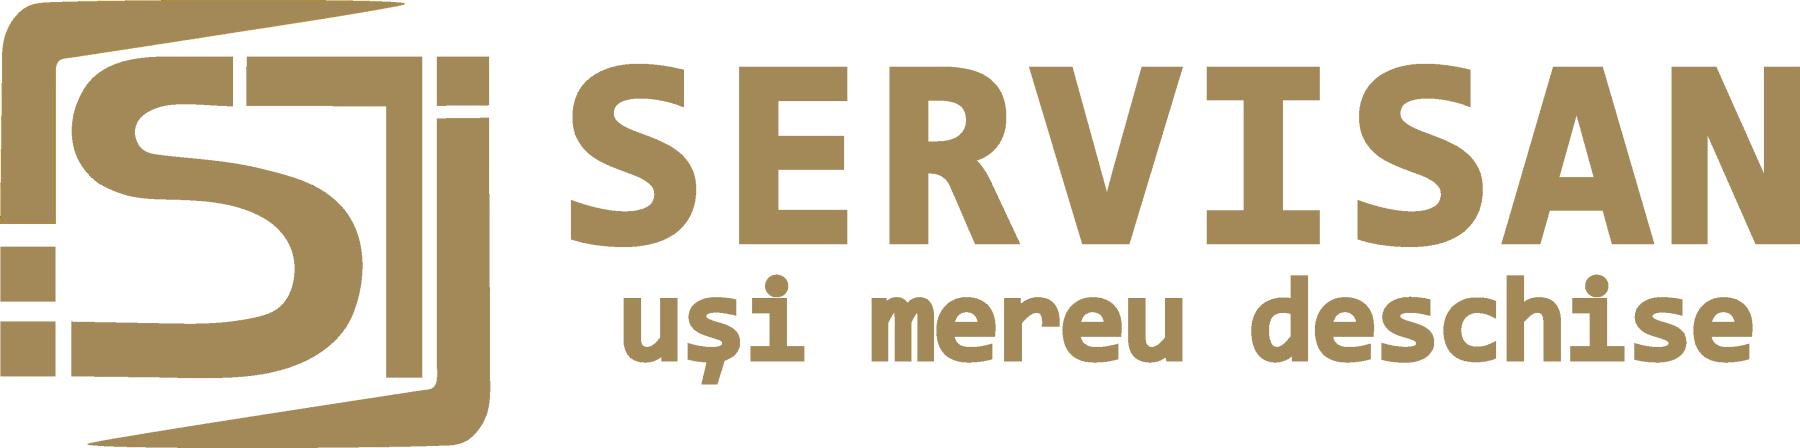 Servisan